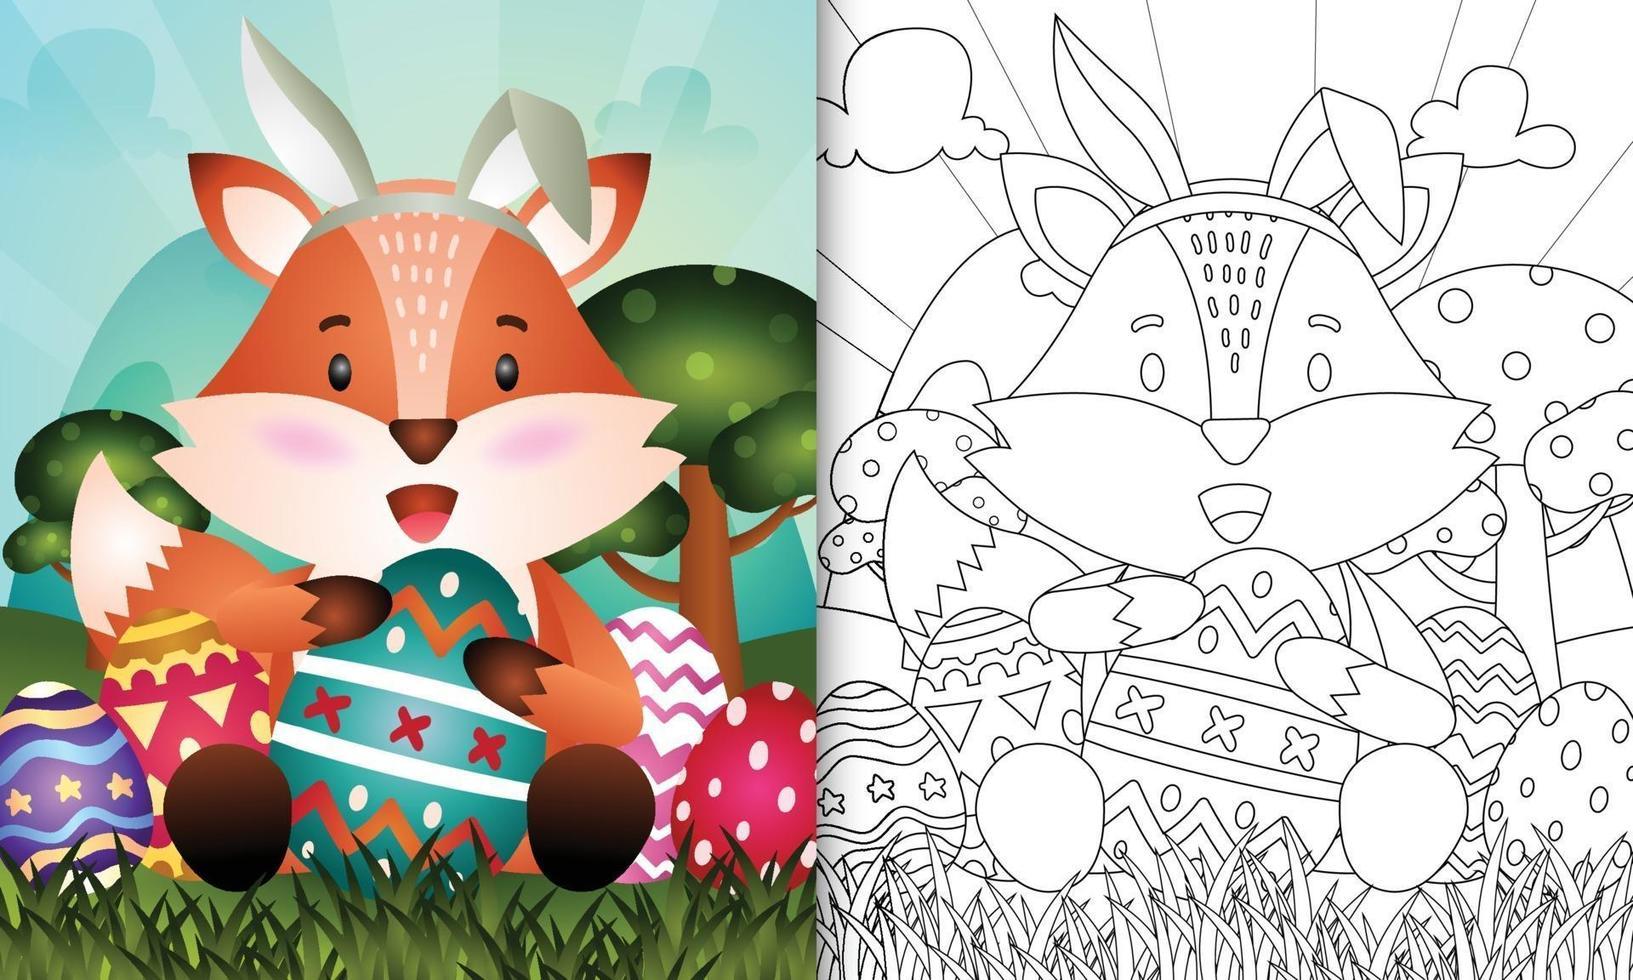 Livre de coloriage pour les enfants sur le thème de Pâques avec un renard mignon utilisant des bandeaux d'oreilles de lapin étreignant des œufs vecteur